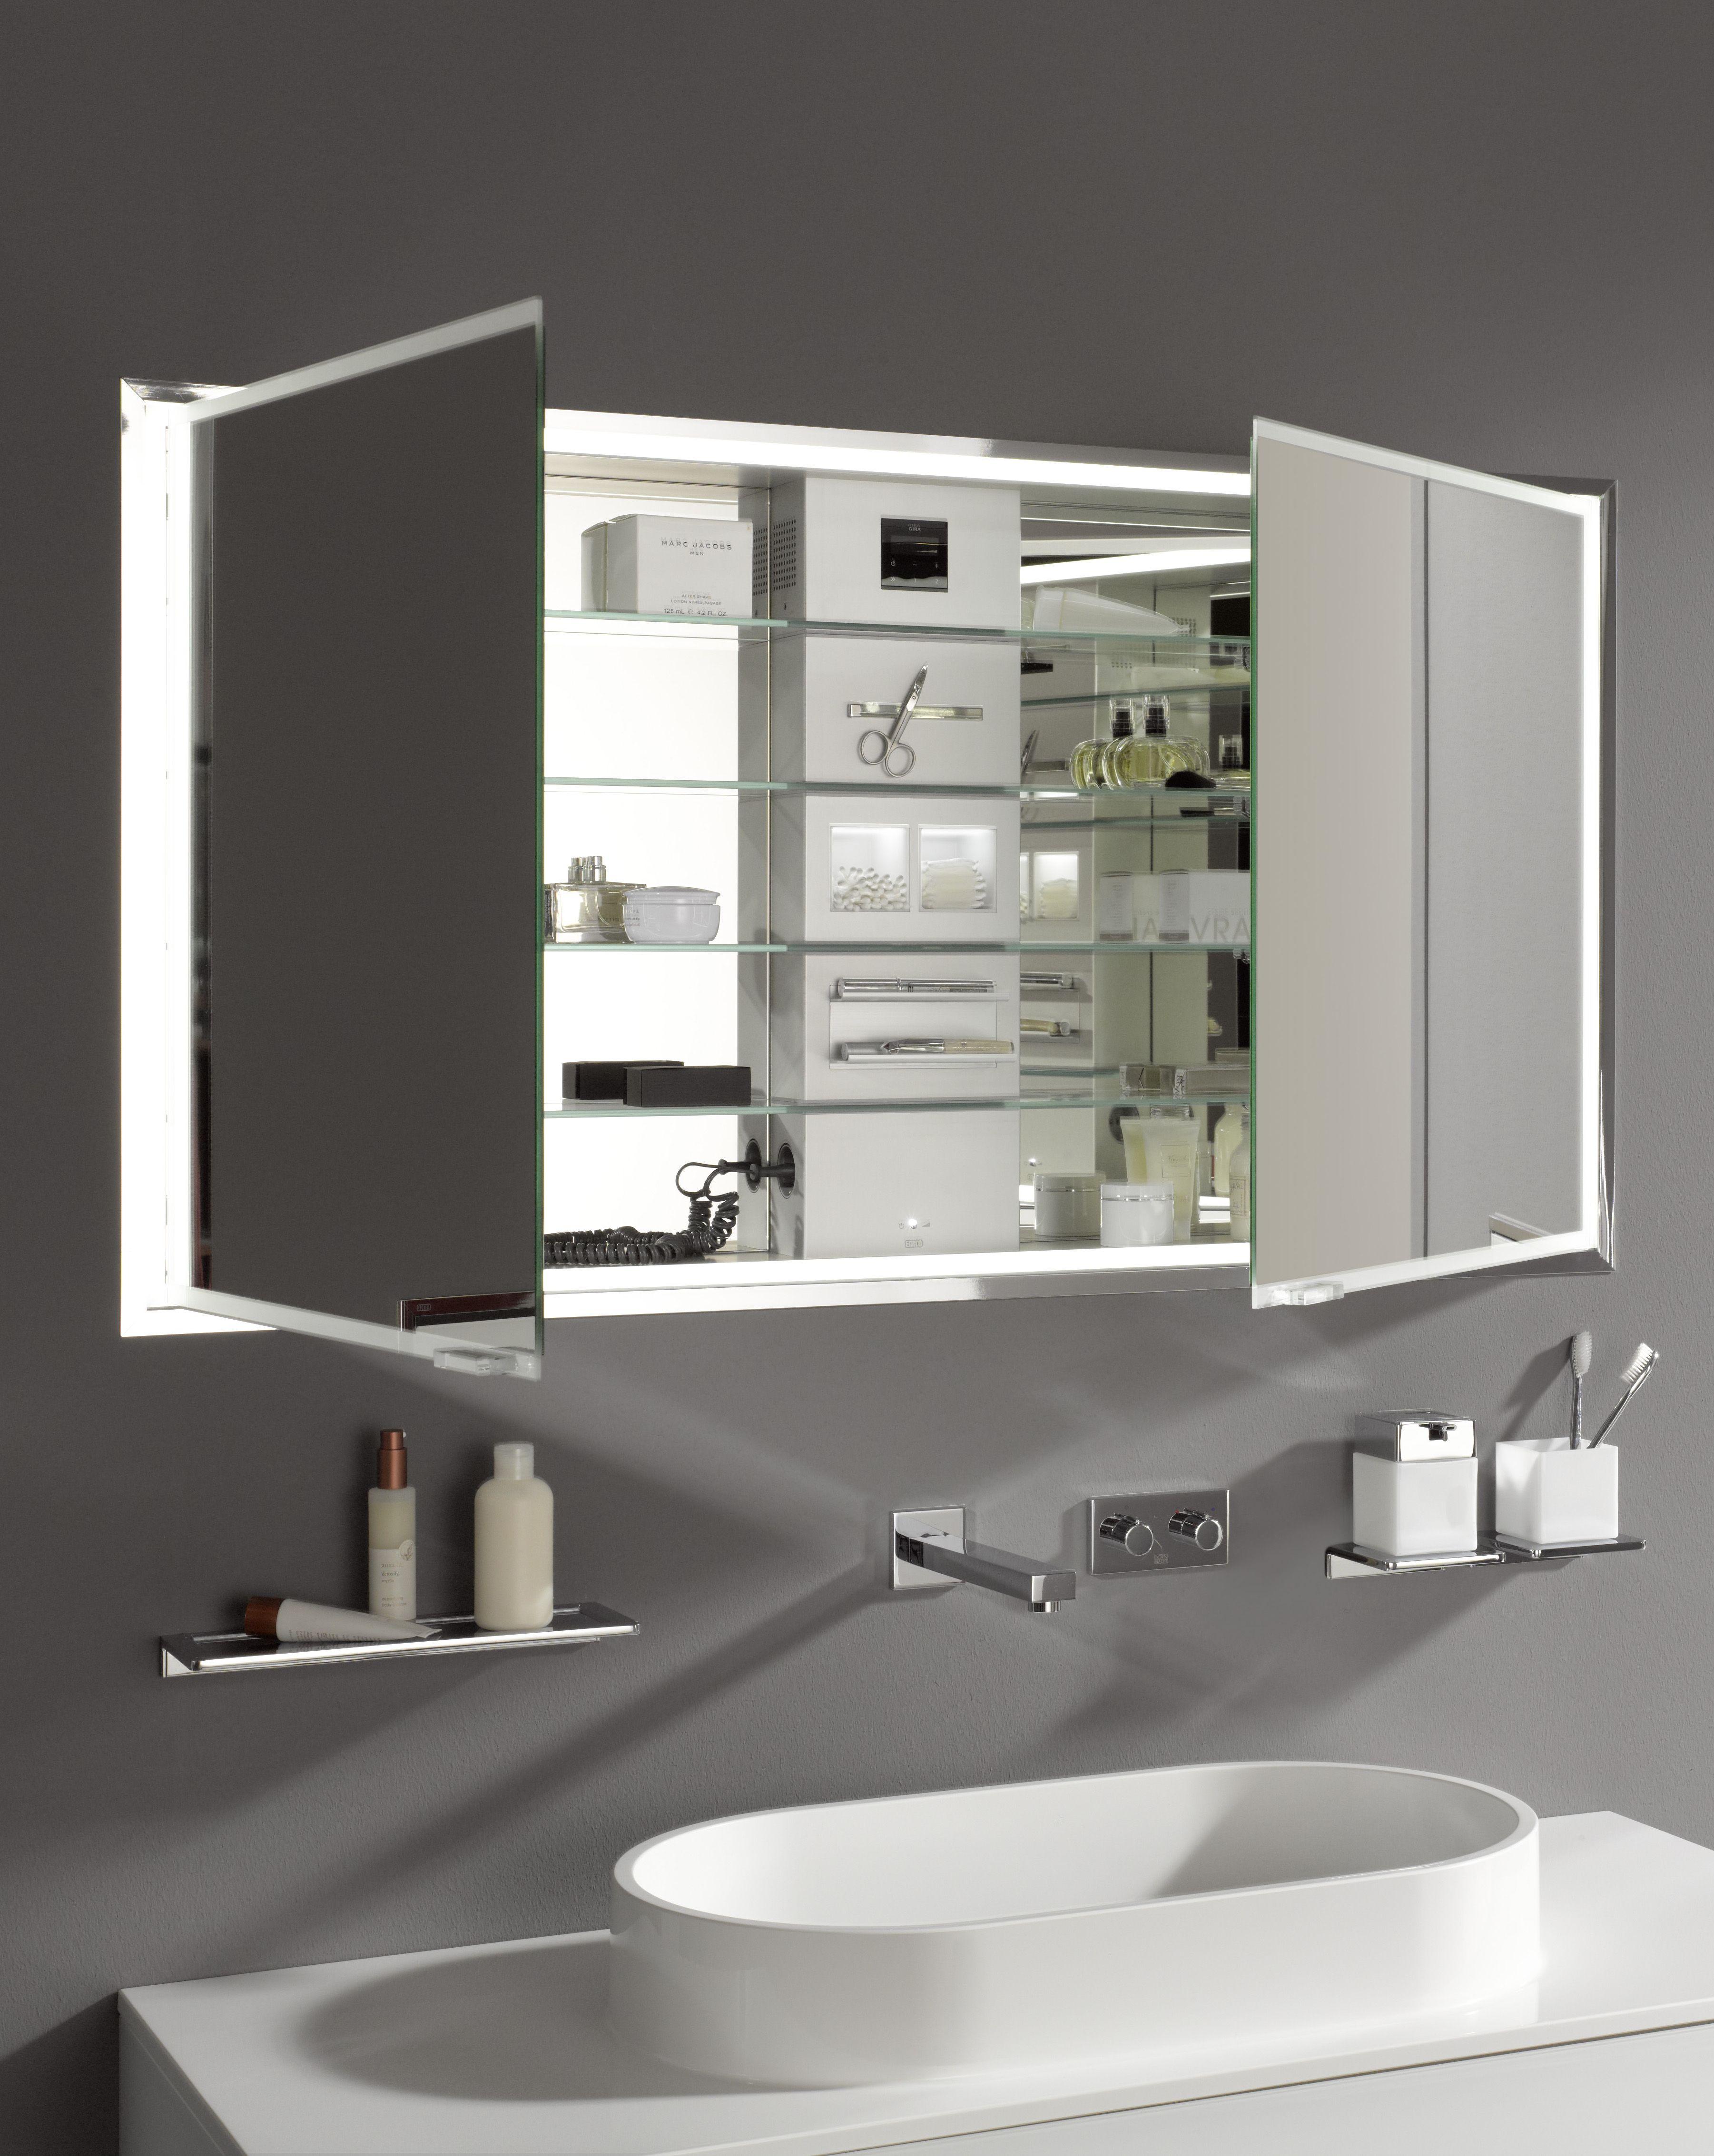 Emco Asis Prestige Lichtspiegelschrank Unterputzmodell 1315mm Spiegelschrank Bad Badezimmer Mobel Spiegelschrank